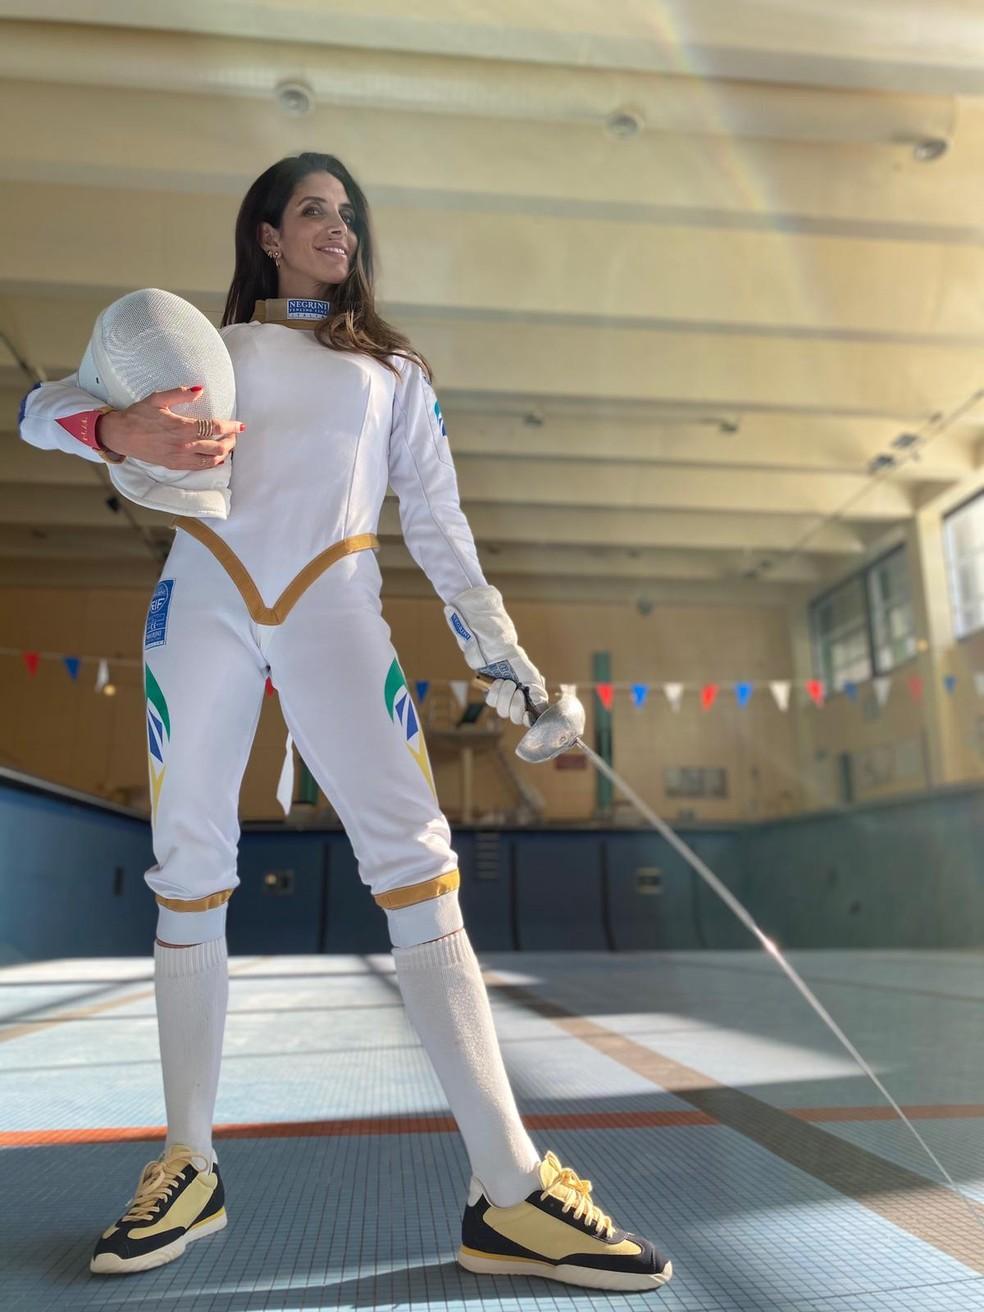 Nathalie Moellhausen veste o novo uniforme de esgrima desenhado por ela mesma — Foto: Divulgação